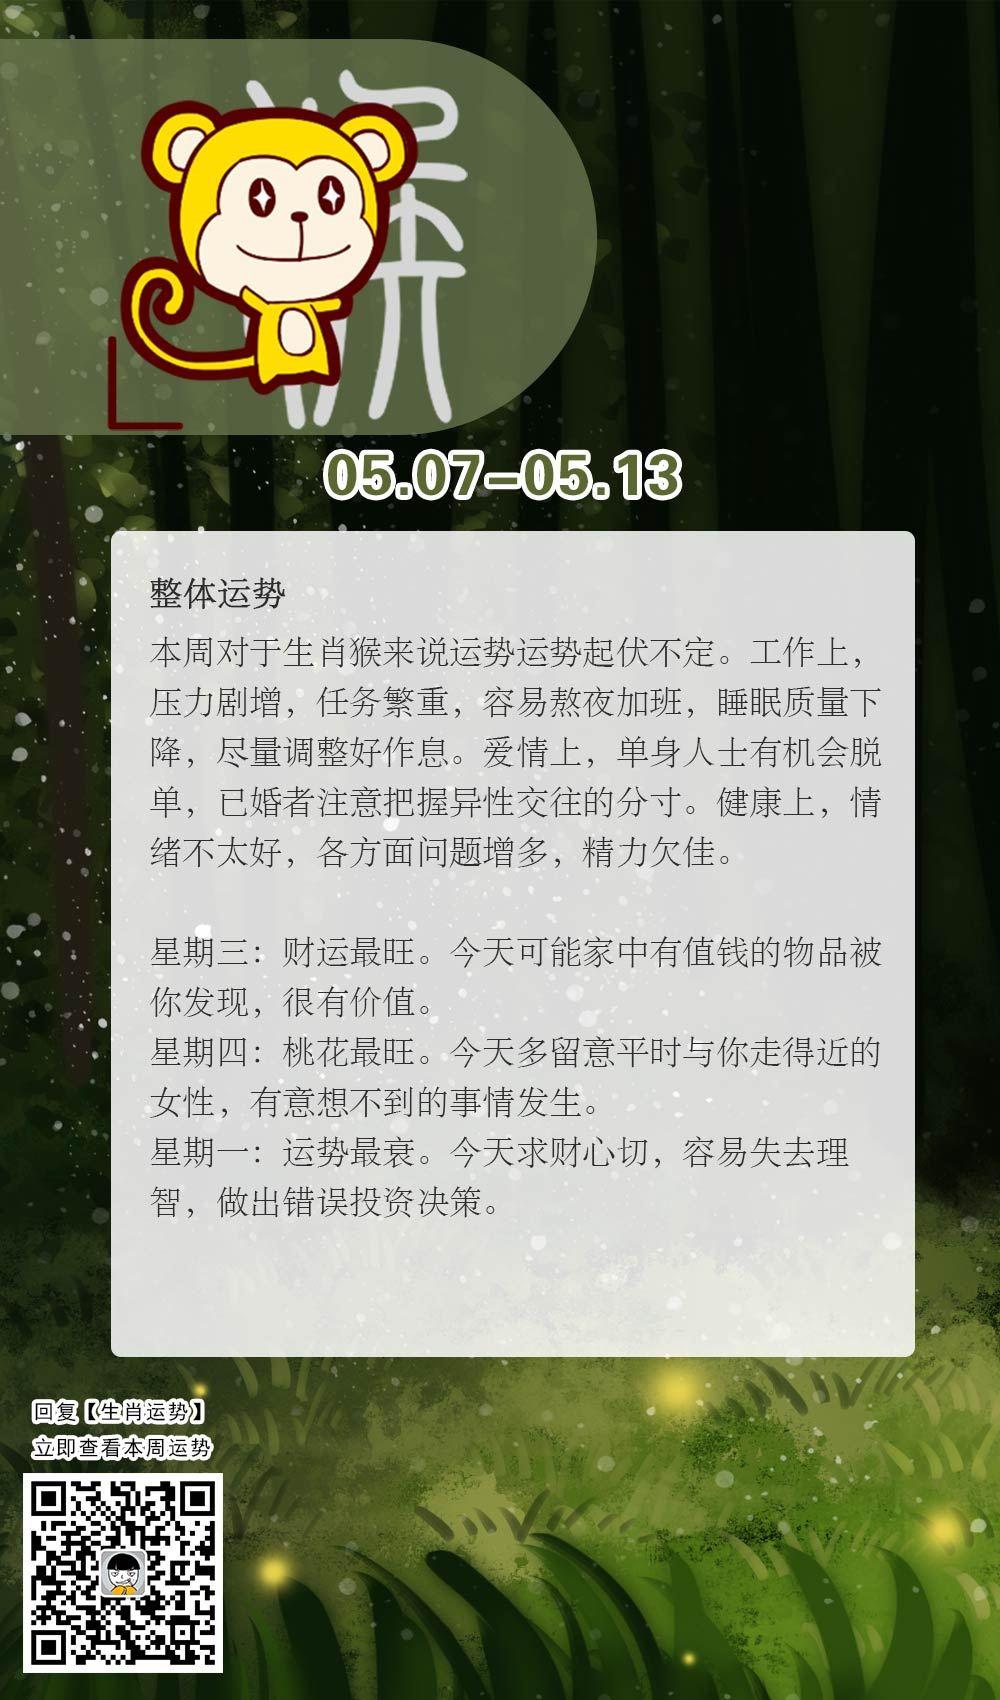 生肖猴本周运势【2018.05.07-05.13】